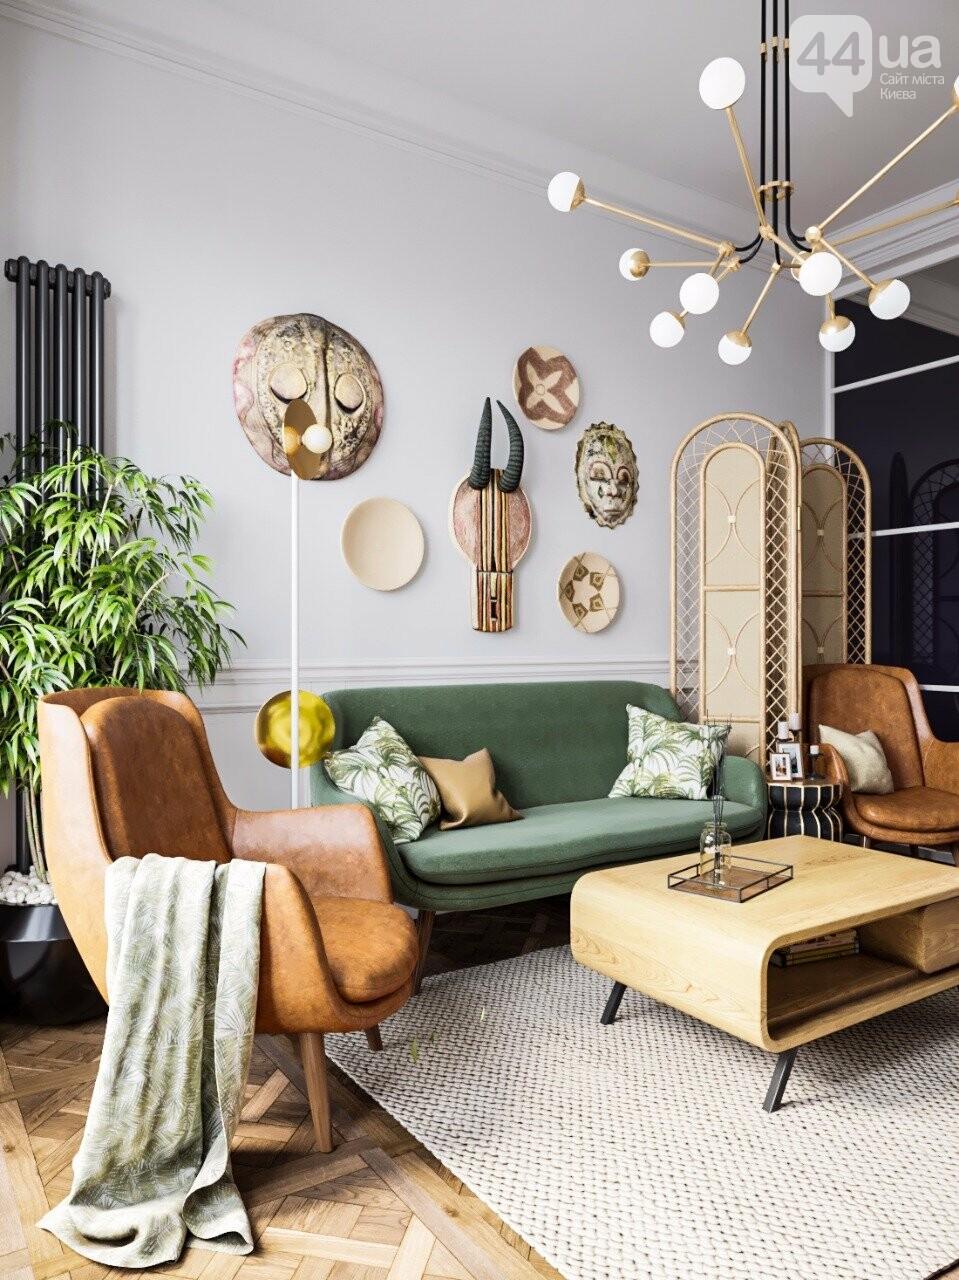 Дизайн интерьера: популярные стили в 2021 году, фото-5